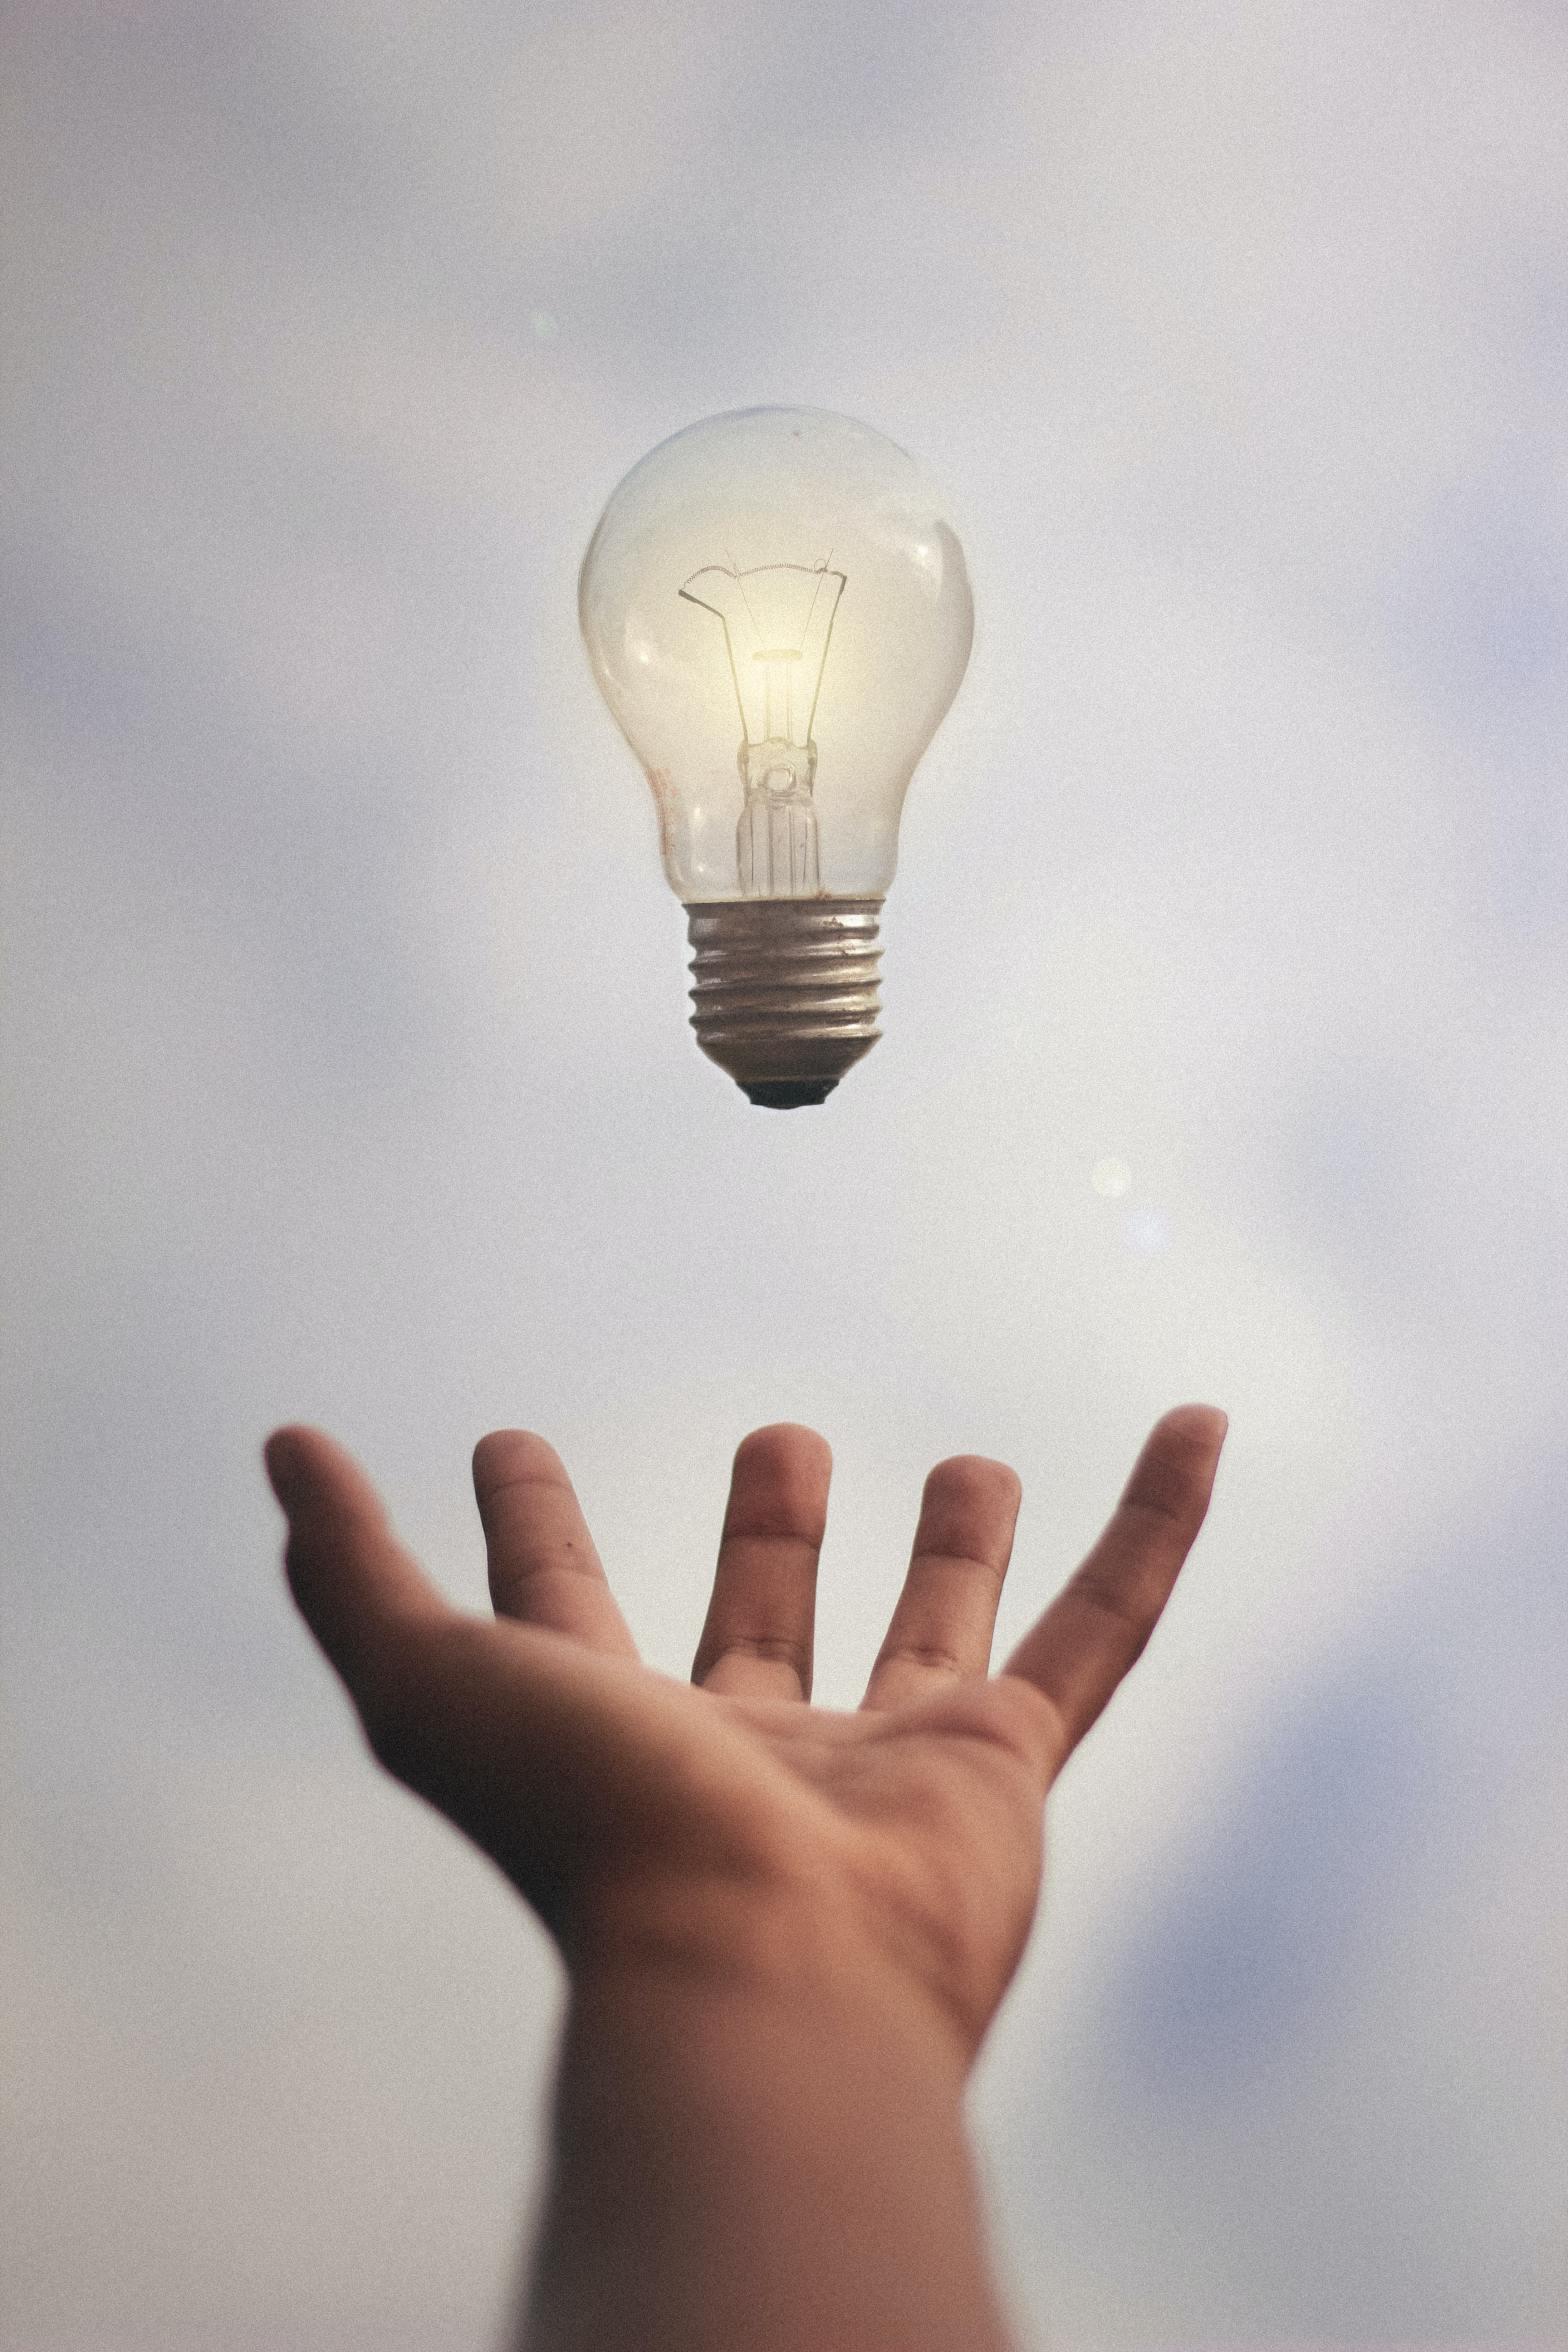 Uma importante habilidade profissional, a criatividade não é dom ou fruto de talento